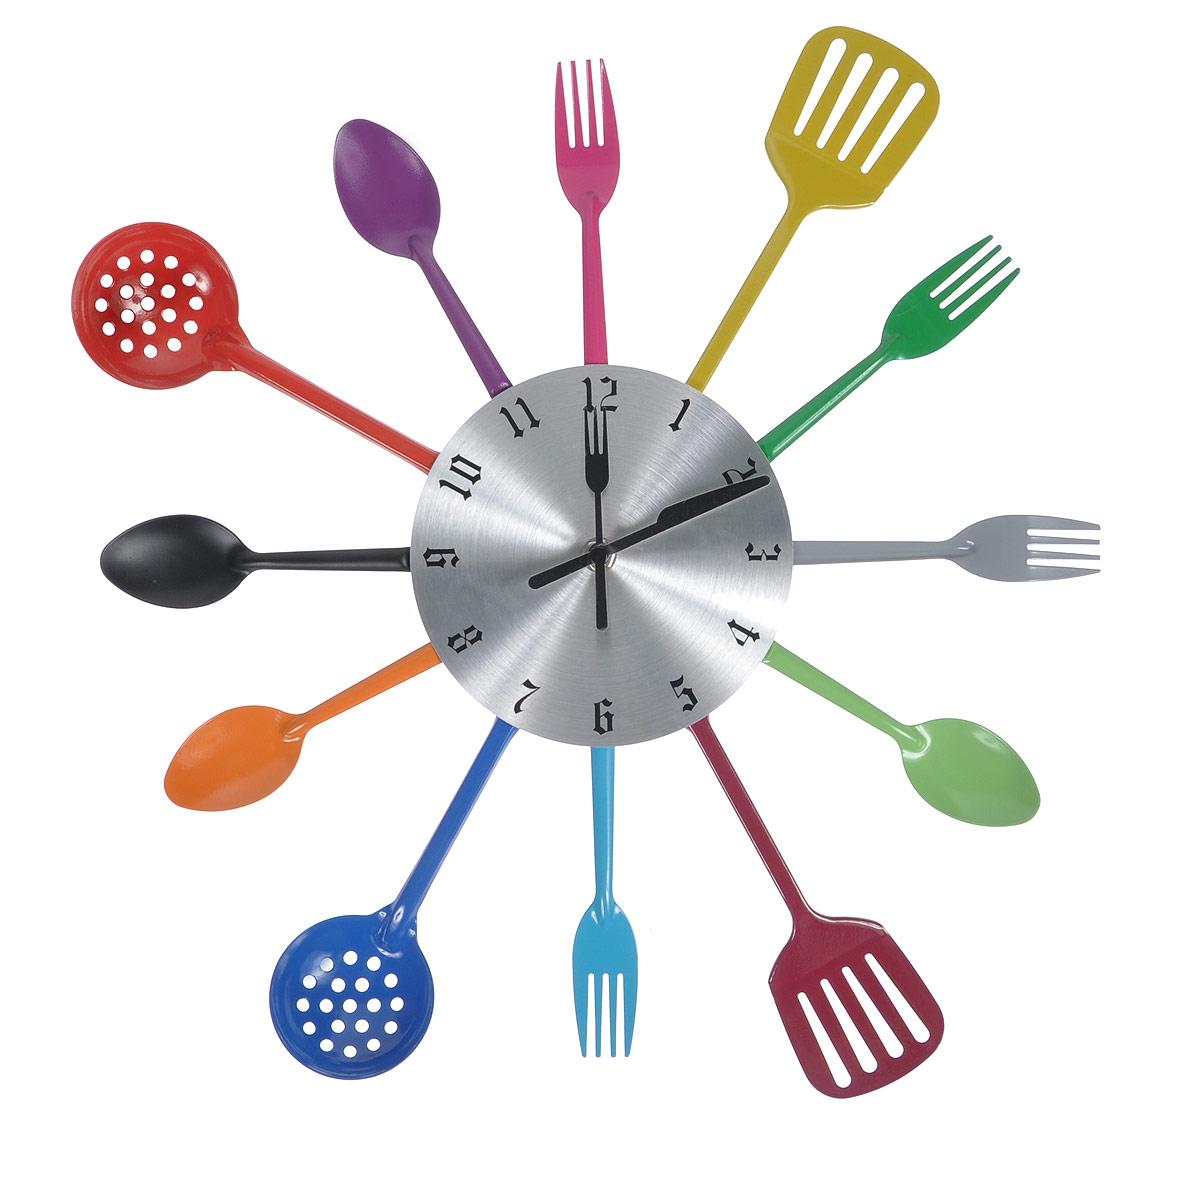 Часы настенные Поваренок. 9520695206Оригинальные настенные часы Поваренок прекрасно подойдут к интерьеру кухни. Корпус выполнен из пластика и оформлен по кругу металлическими декоративными элементами в виде разноцветных кухонных приборов. Часы красиво оформят интерьер кухни и станут прекрасным подарком к любому случаю. Диаметр циферблата: 15 см. Общий диаметр часов: 39 см.